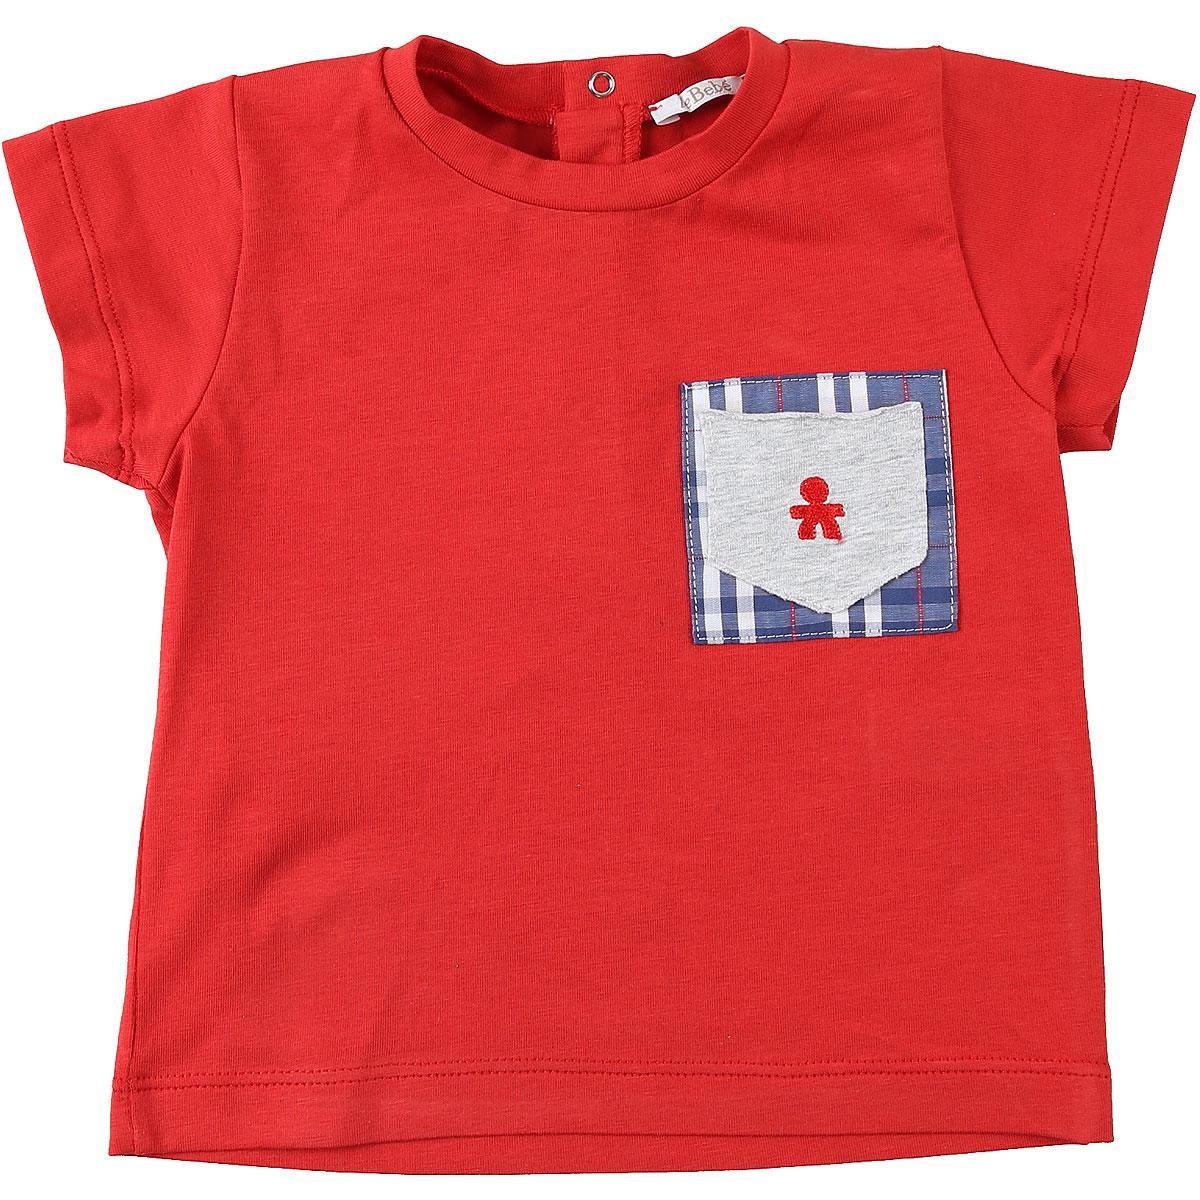 Le Bebe T-Shirt Bébé pour Garçon, Rouge, Coton, 2017, 12M 18M 3M 6M 9M